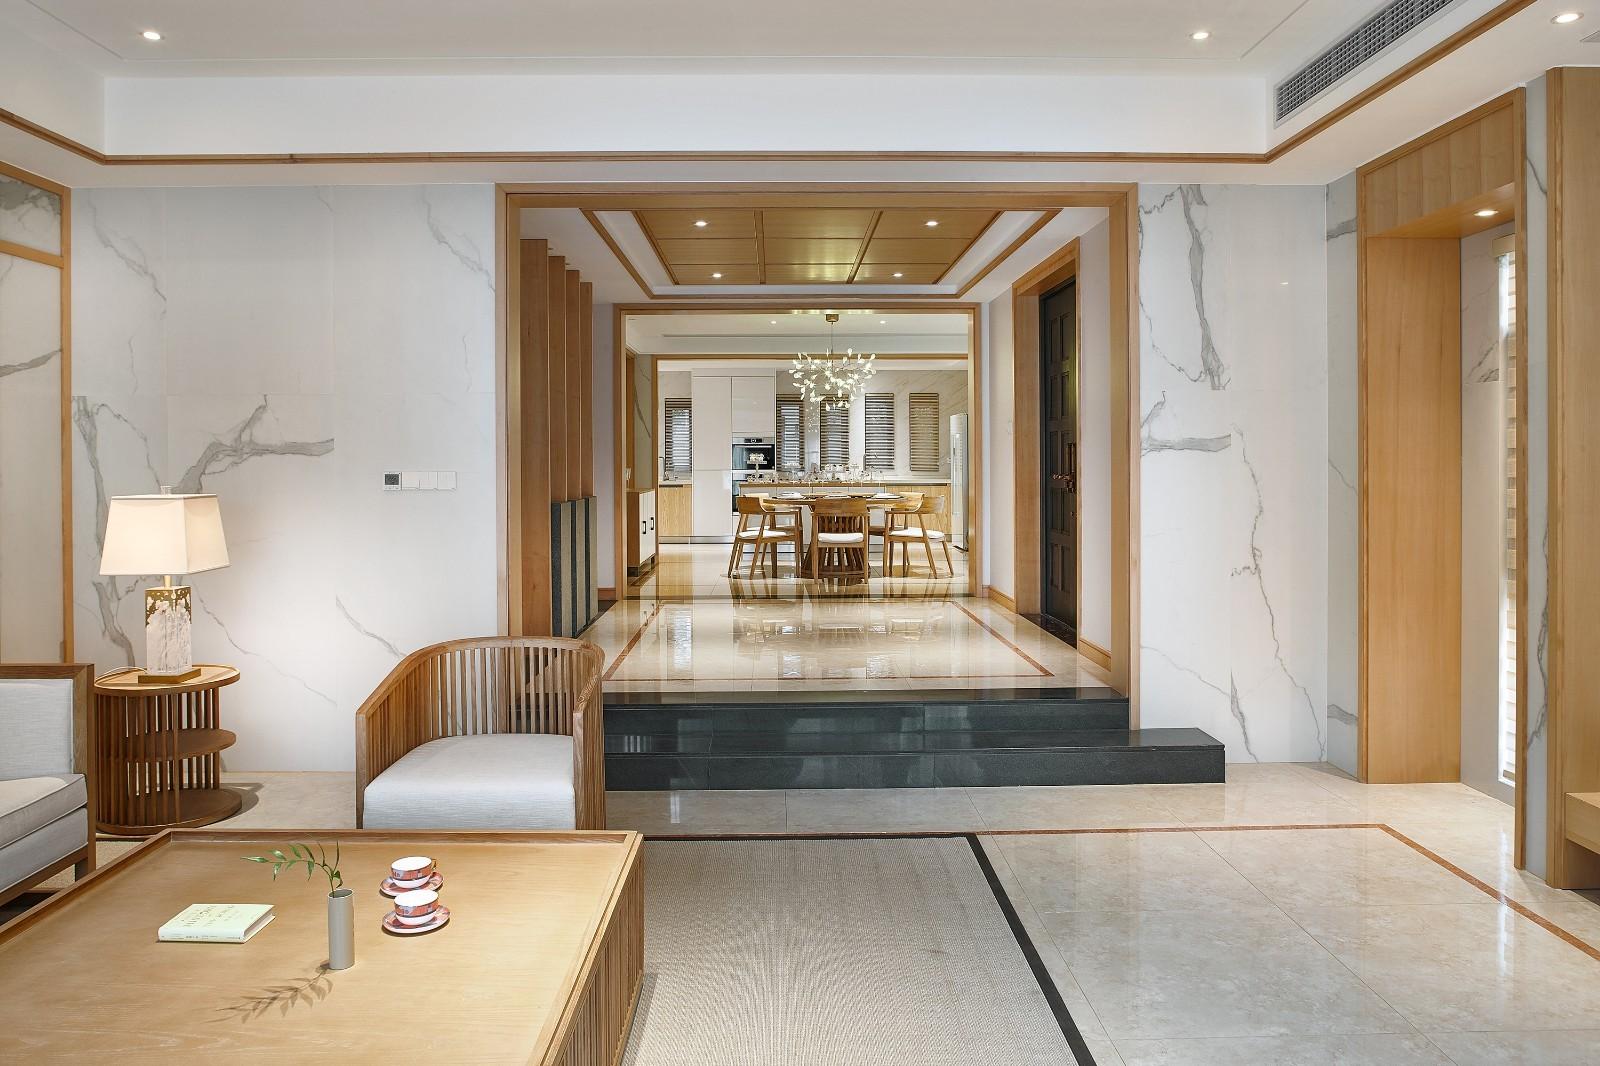 2020新中式240平米裝修圖片 2020新中式別墅裝飾設計